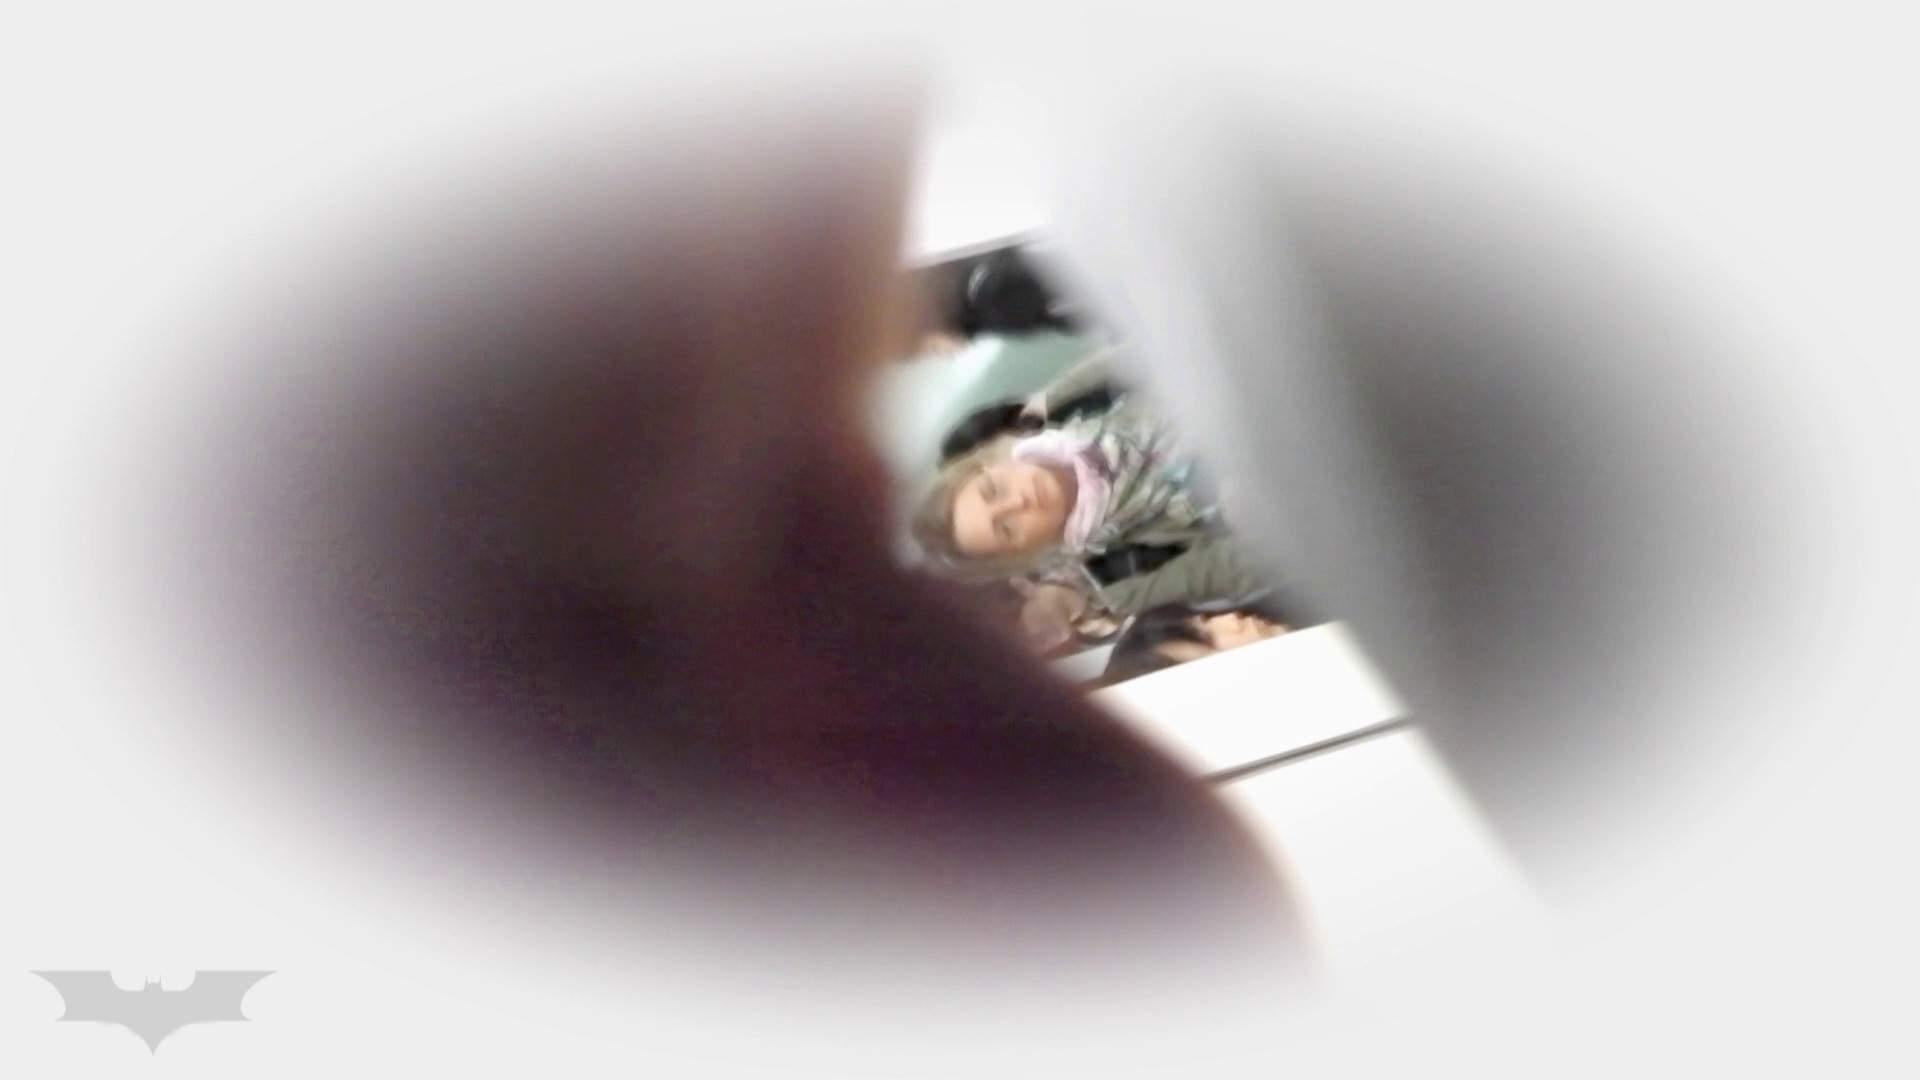 お市さんの「お尻丸出しジャンボリー」 09 発見!可愛い日本人二人組 美人   0  108PIX 95